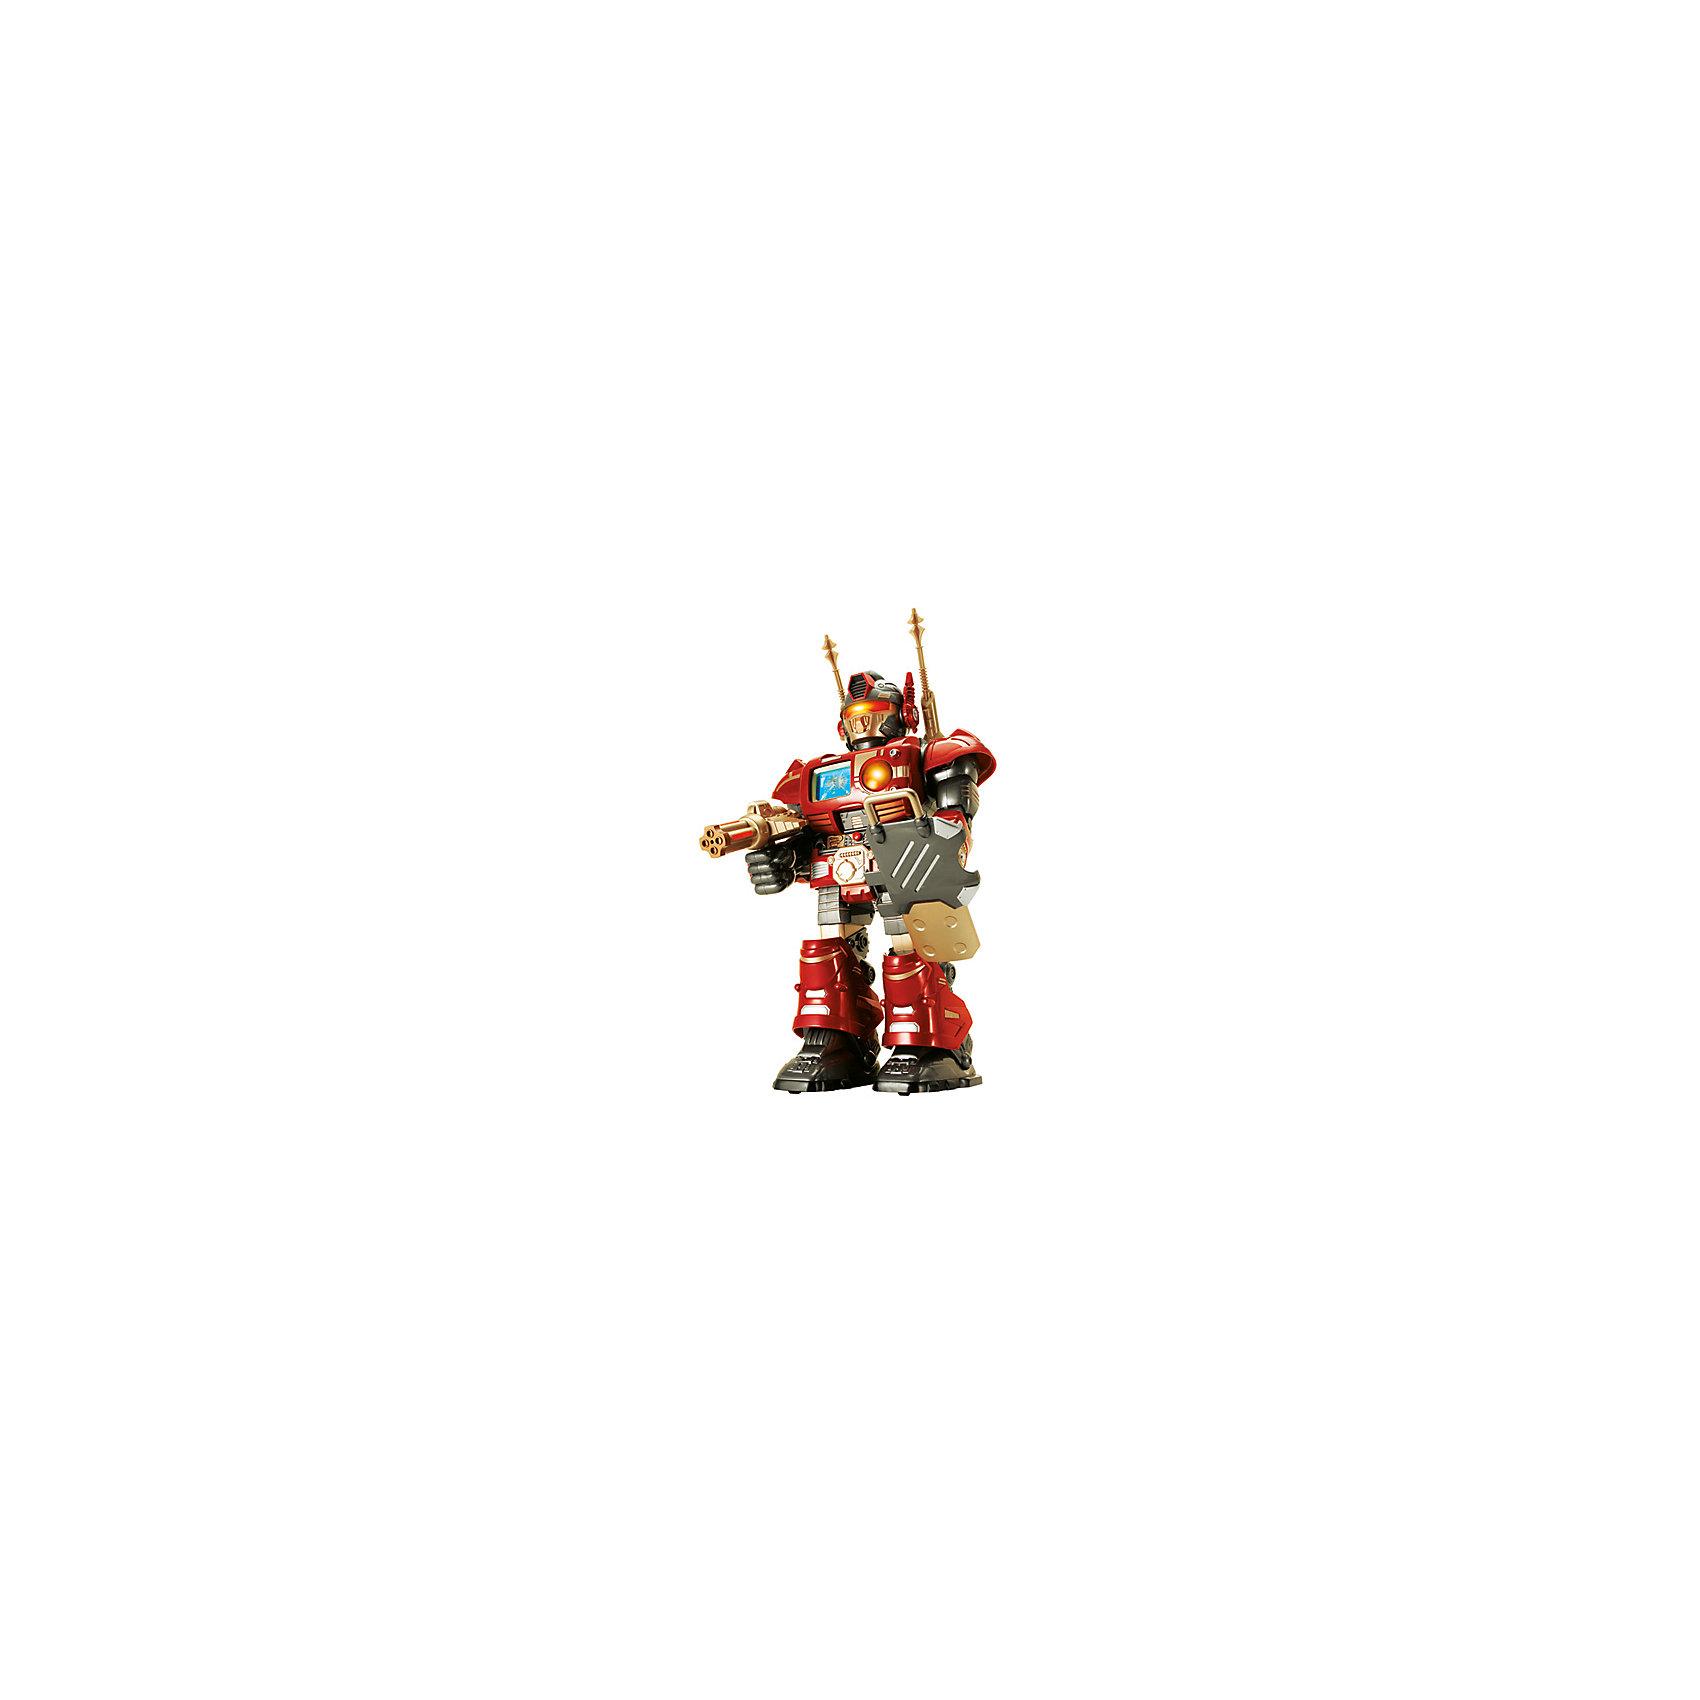 HAP-P-KID Робот-сержант красный, на и/к управлении, 38 см, HAP-P-KID hap p kid робот воин красный 3568t